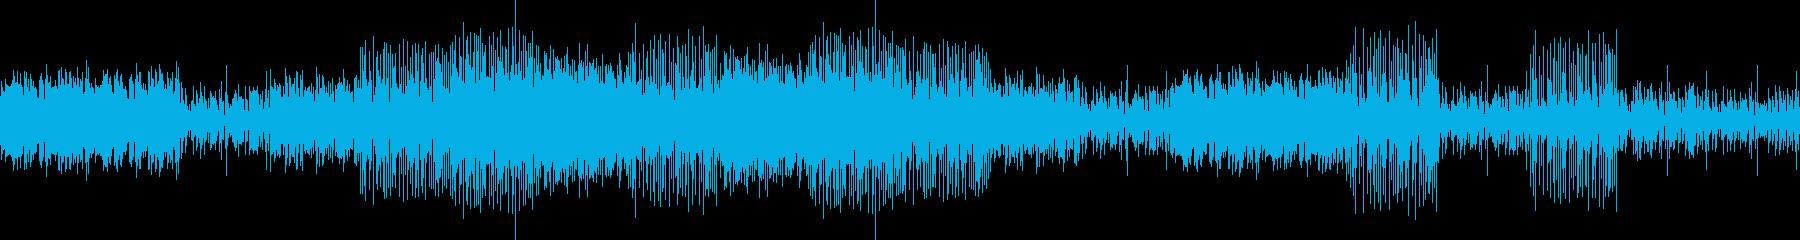 メンタリズムが煌き迸るDTMの再生済みの波形